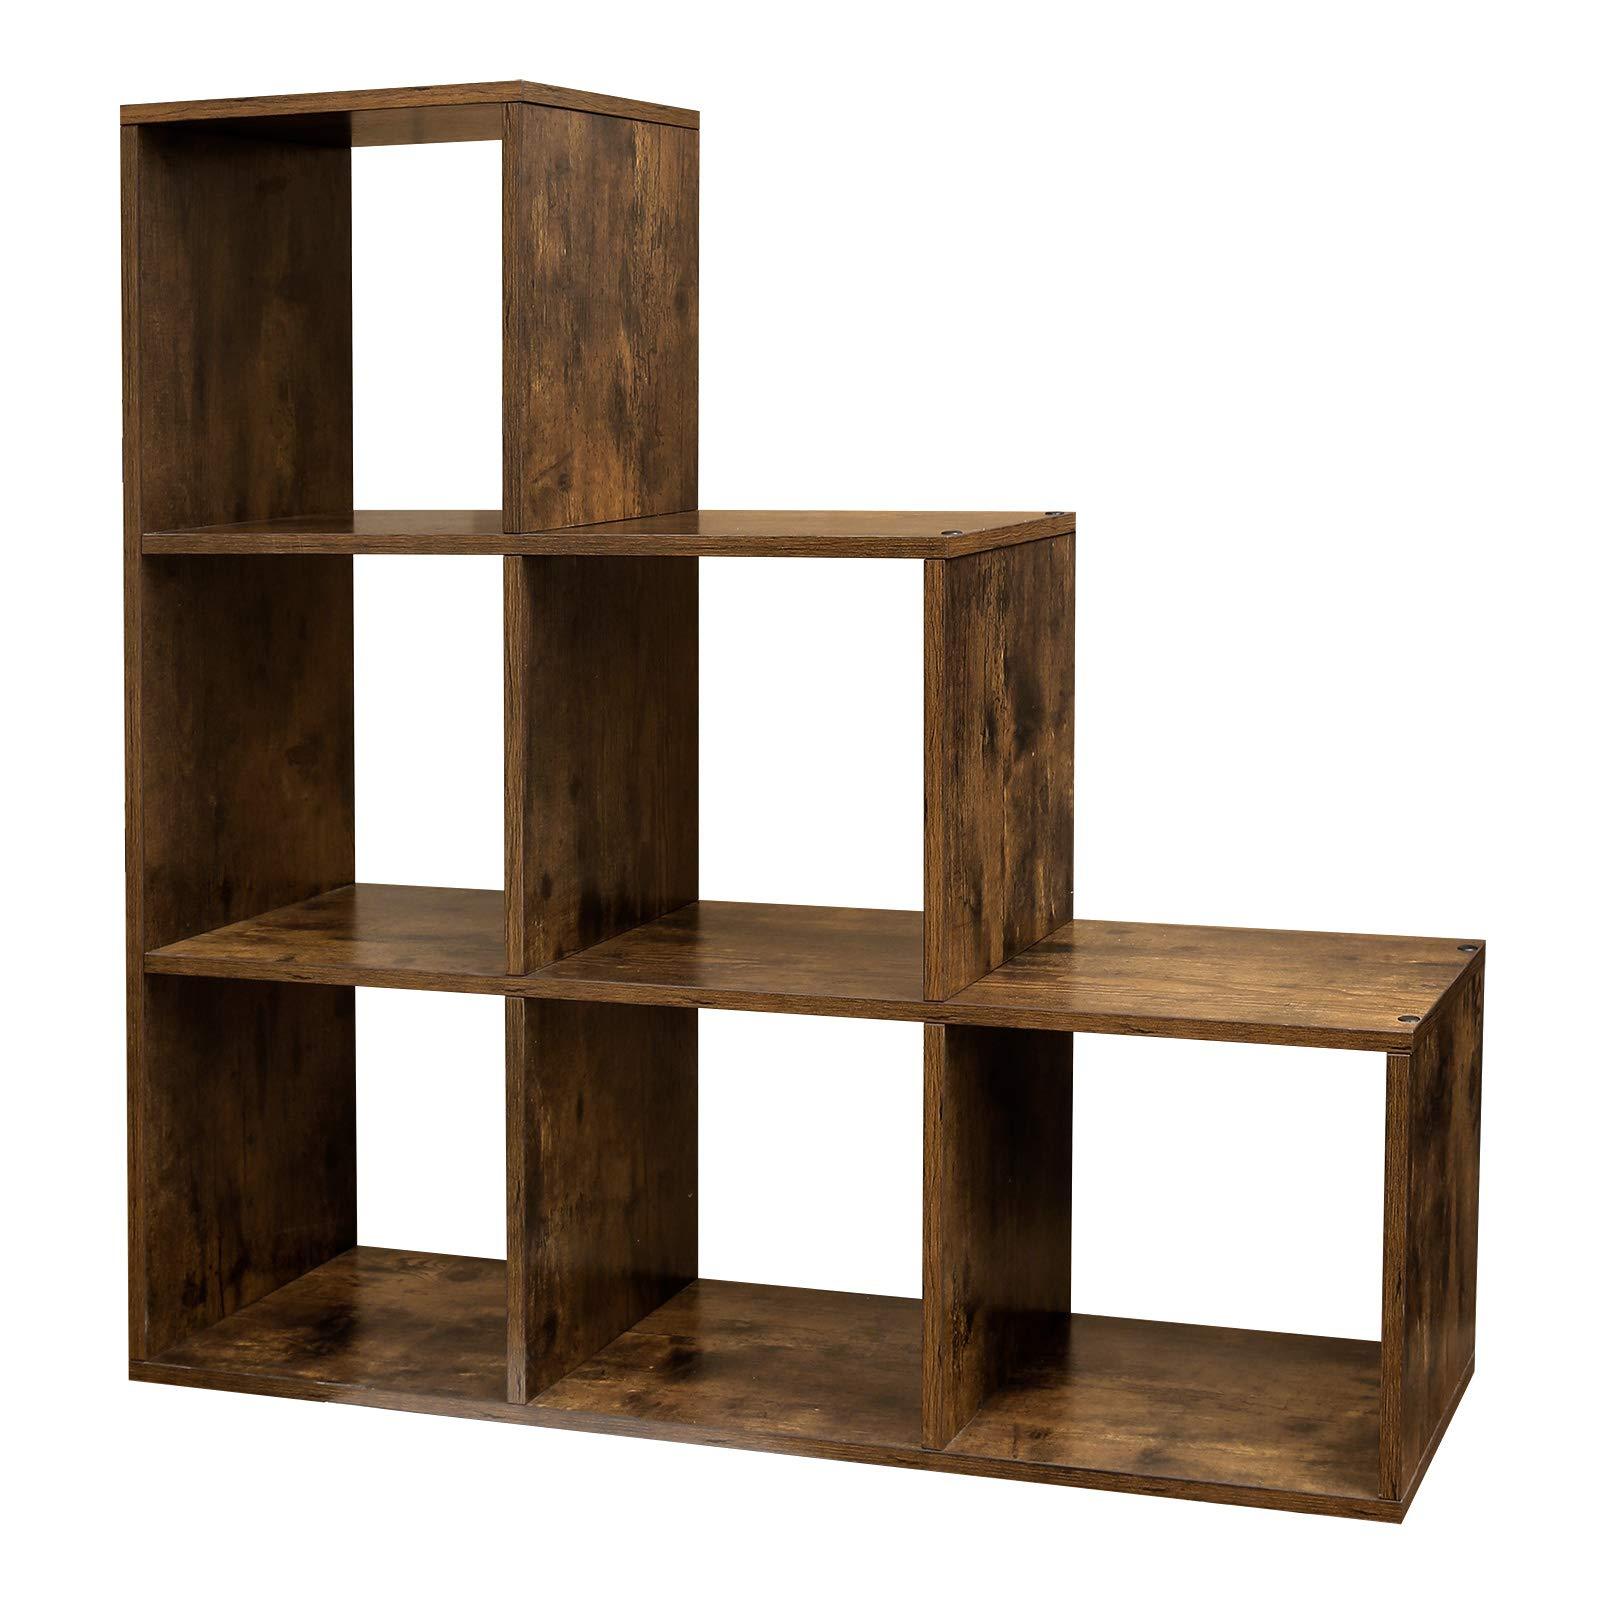 VASAGLE Treppenregal, Bücherregal mit 8 Würfeln, Leiterregal, Würfelregal,  freistehendes Regal, Raumteiler, für Büro, Wohnzimmer, Schlafzimmer,